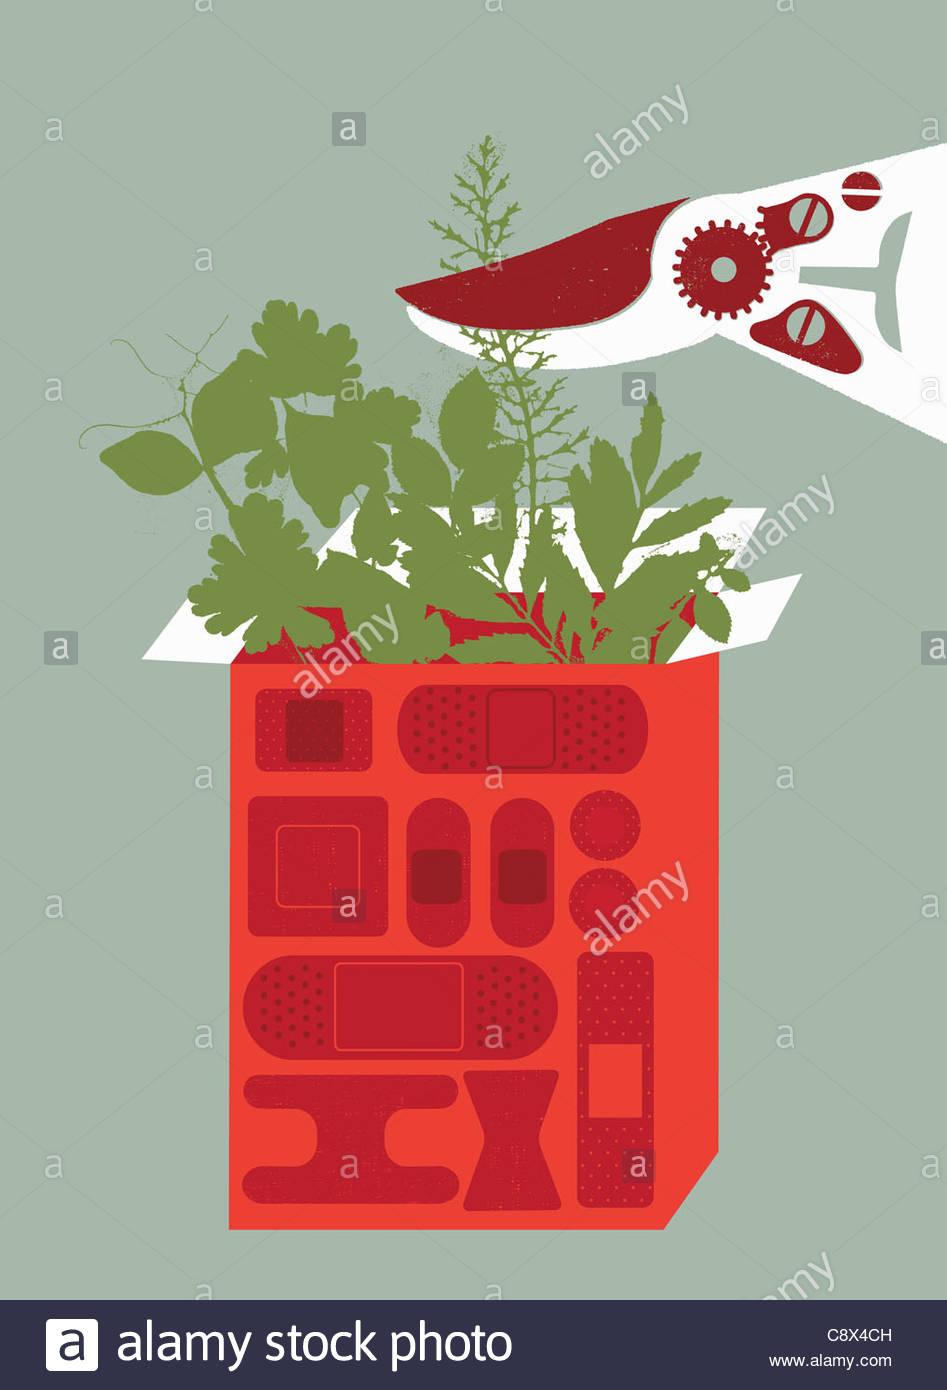 Clippers cortar las plantas que crecen en la casilla de vendas adhesivas Imagen De Stock